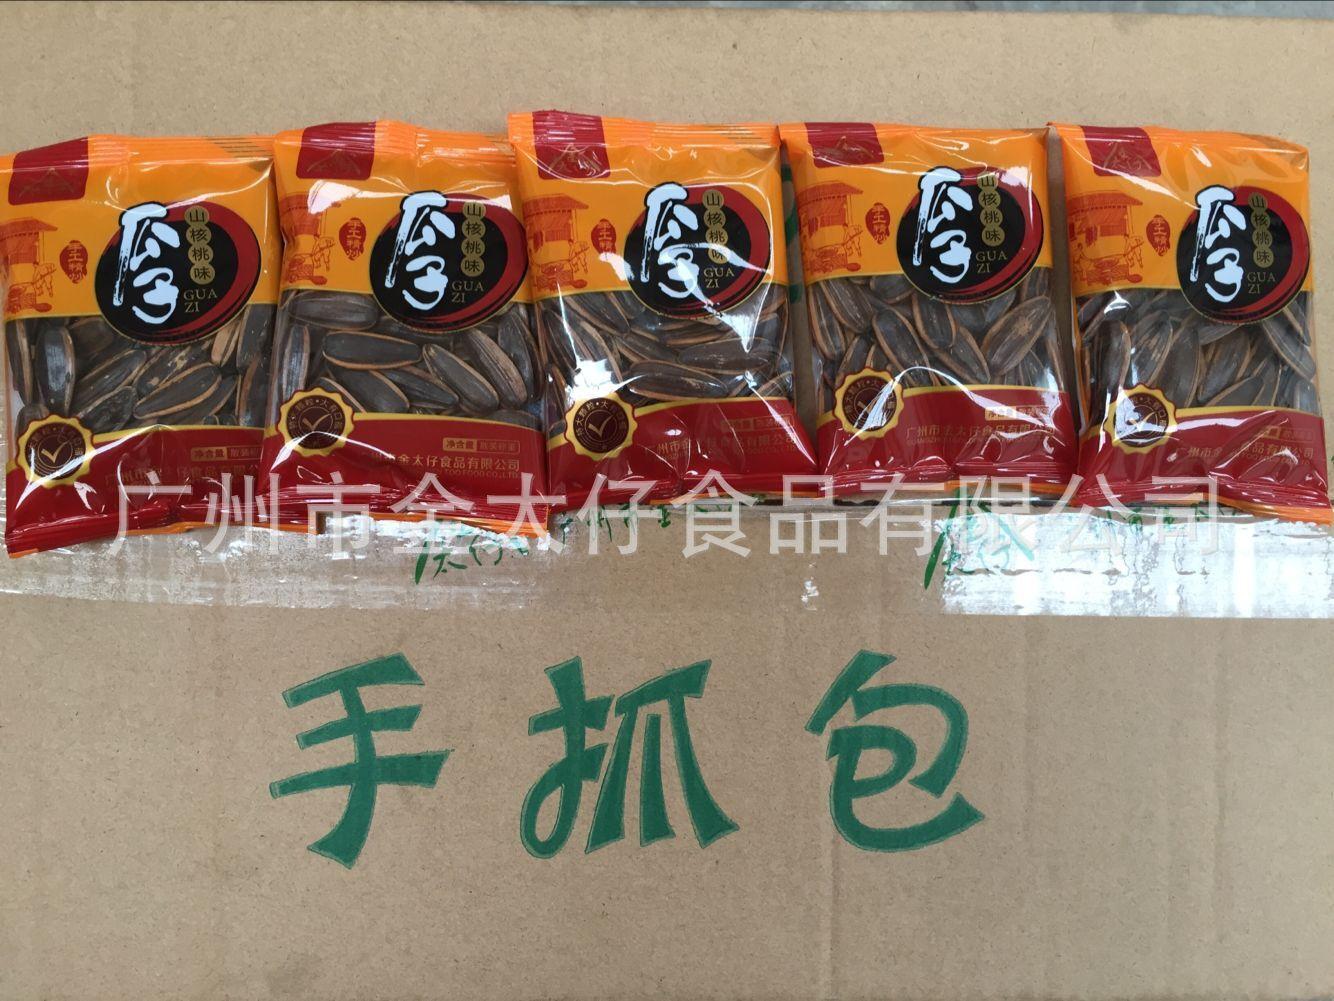 金太仔焦糖味山核桃味瓜子独立小包装500克散装称重厂家直销特价1